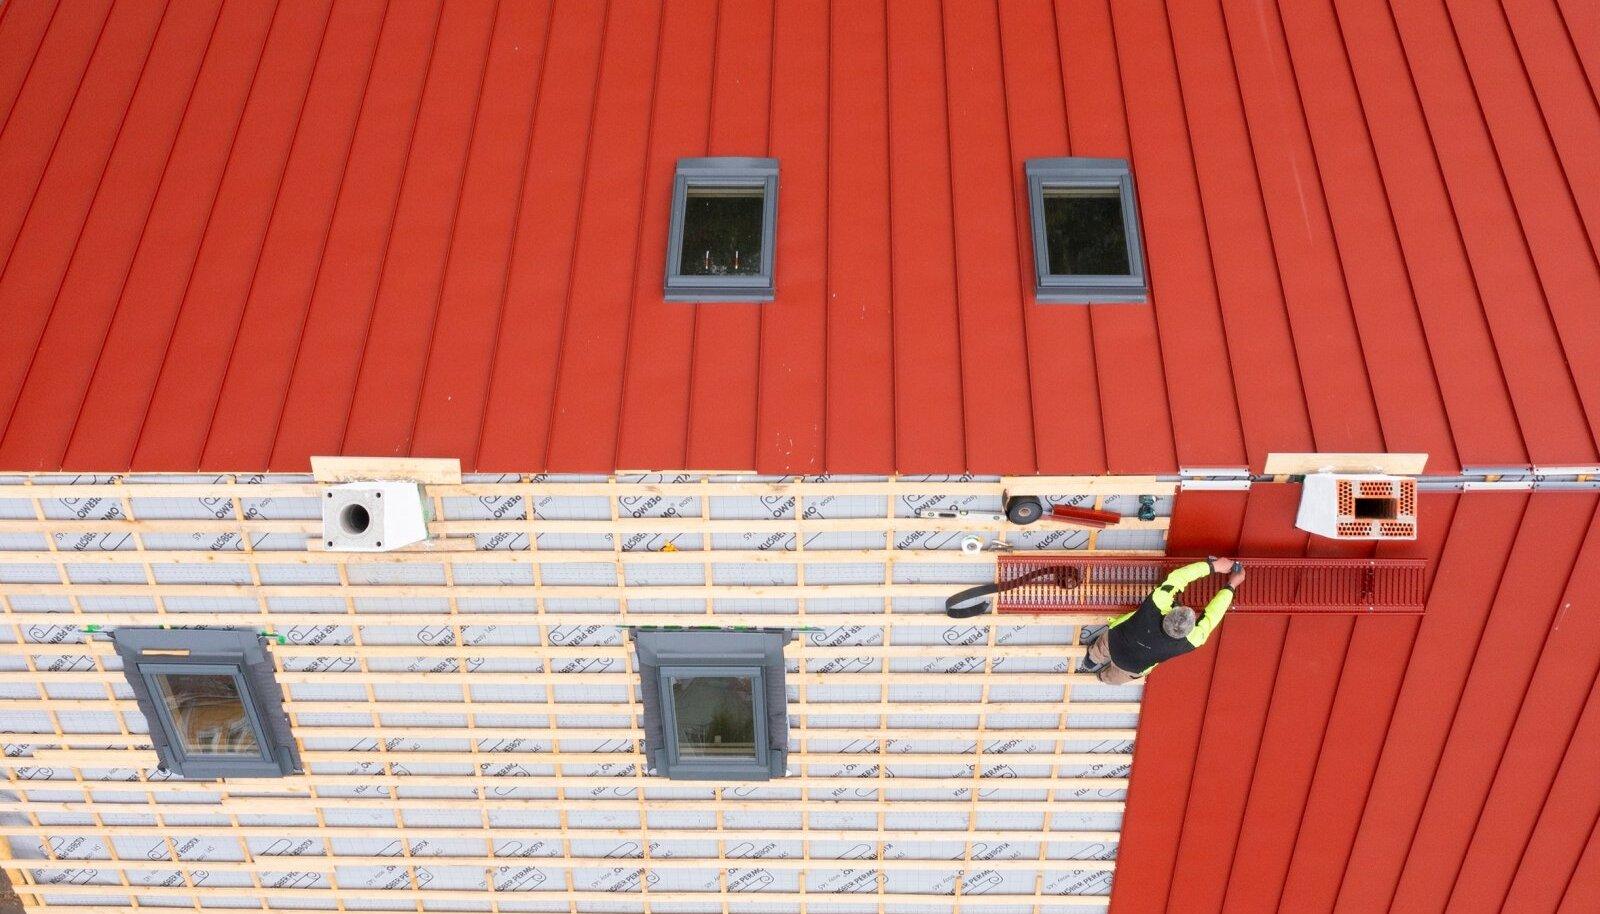 Need, kel on õnnestunud katuseplekk mitme kuu eest ära osta, säästavad võrreldes praeguste ostjatega väikse maja ehituselt sadu eurosid.